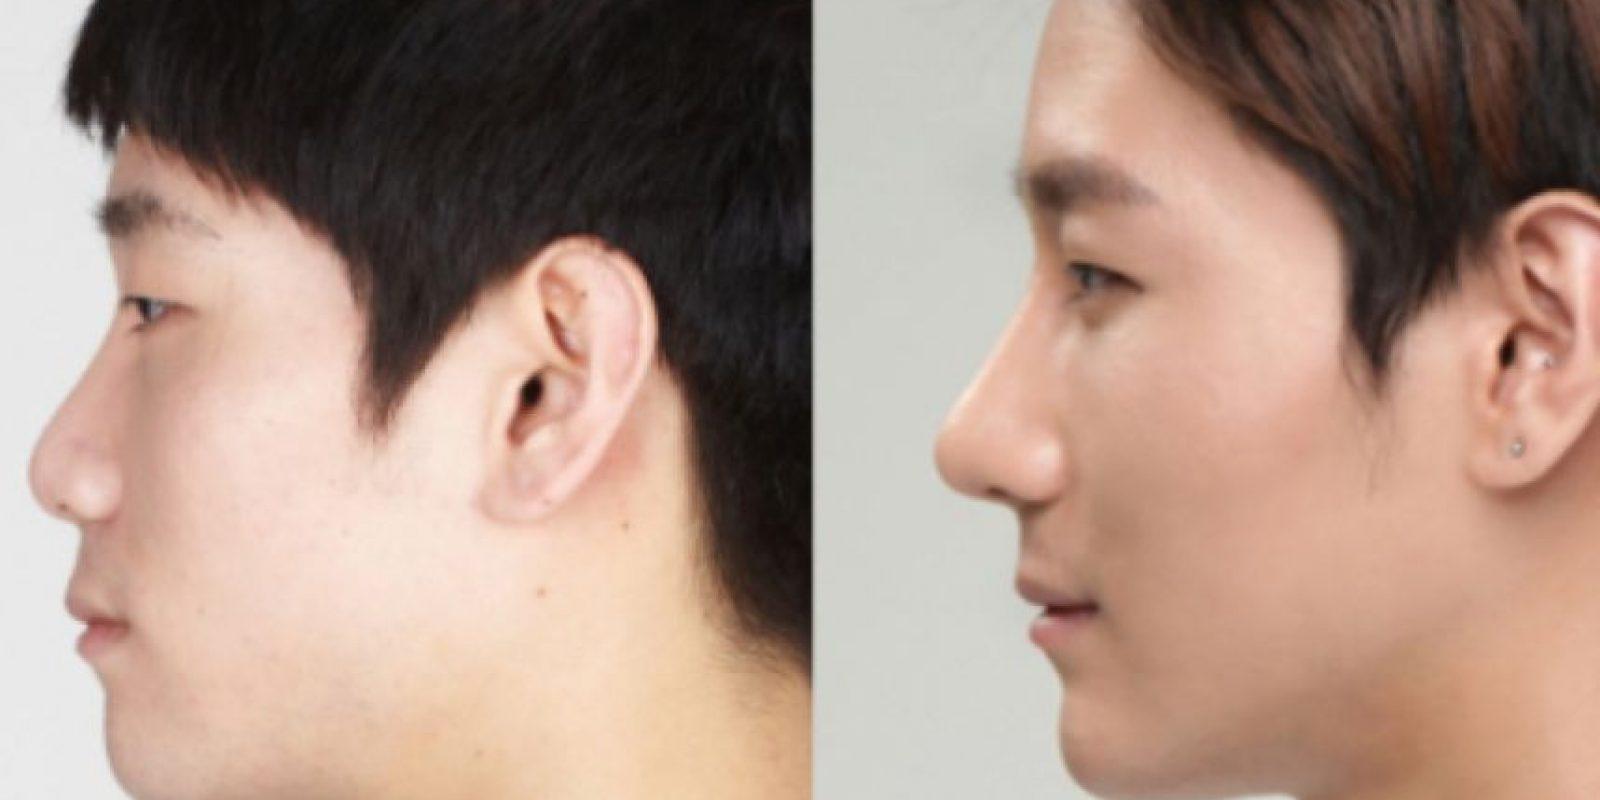 Cirugías de párpados y narices son comunes. Foto: vía Korean Plastic Surgery /Tumblr